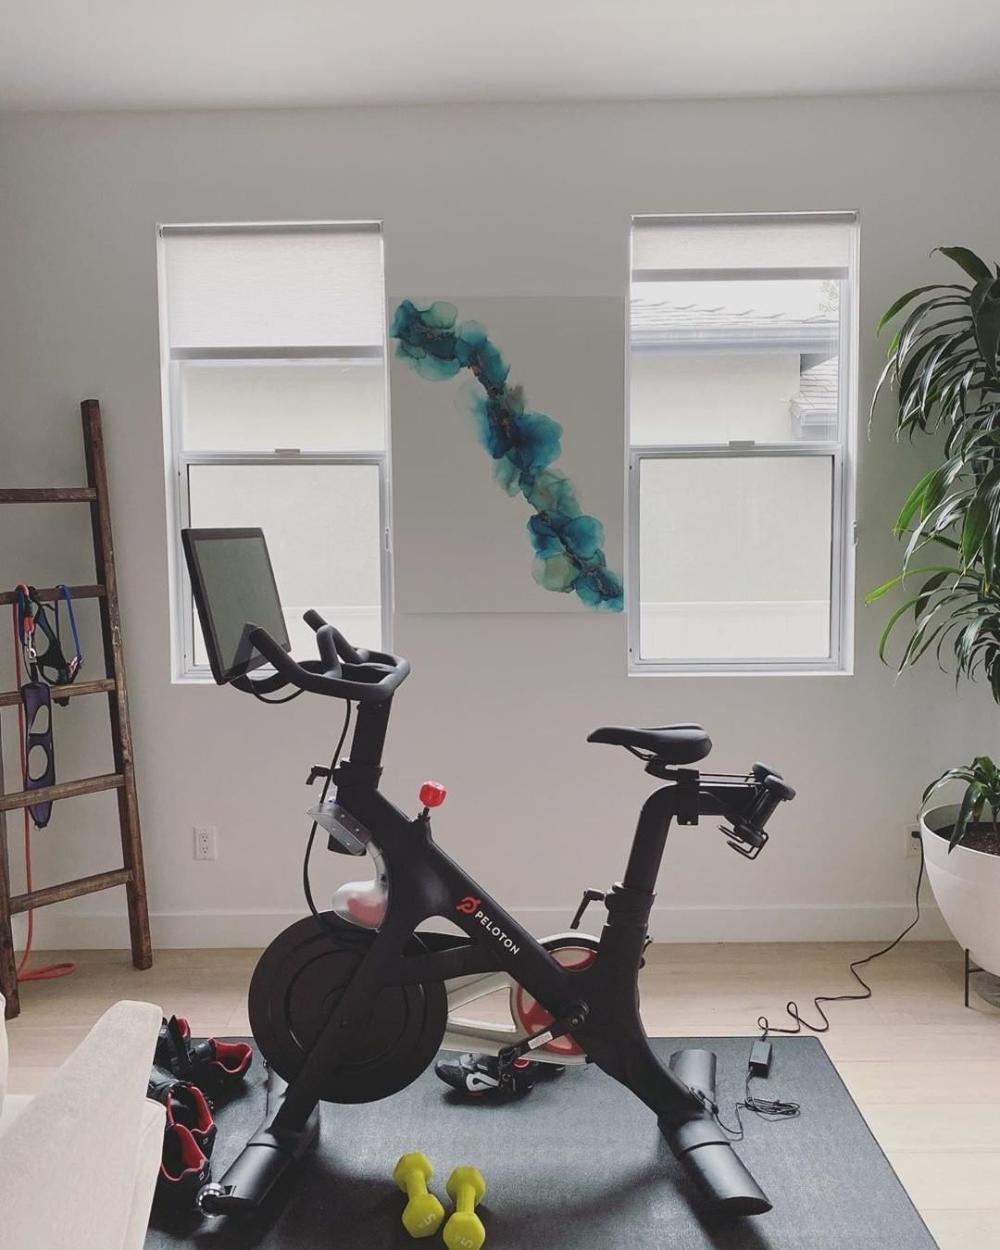 Peloton Gym Design Inspirationpeloton Onepeloton Instagram Photos And Videos In 2020 Peloton Gym Design Peloton Bike